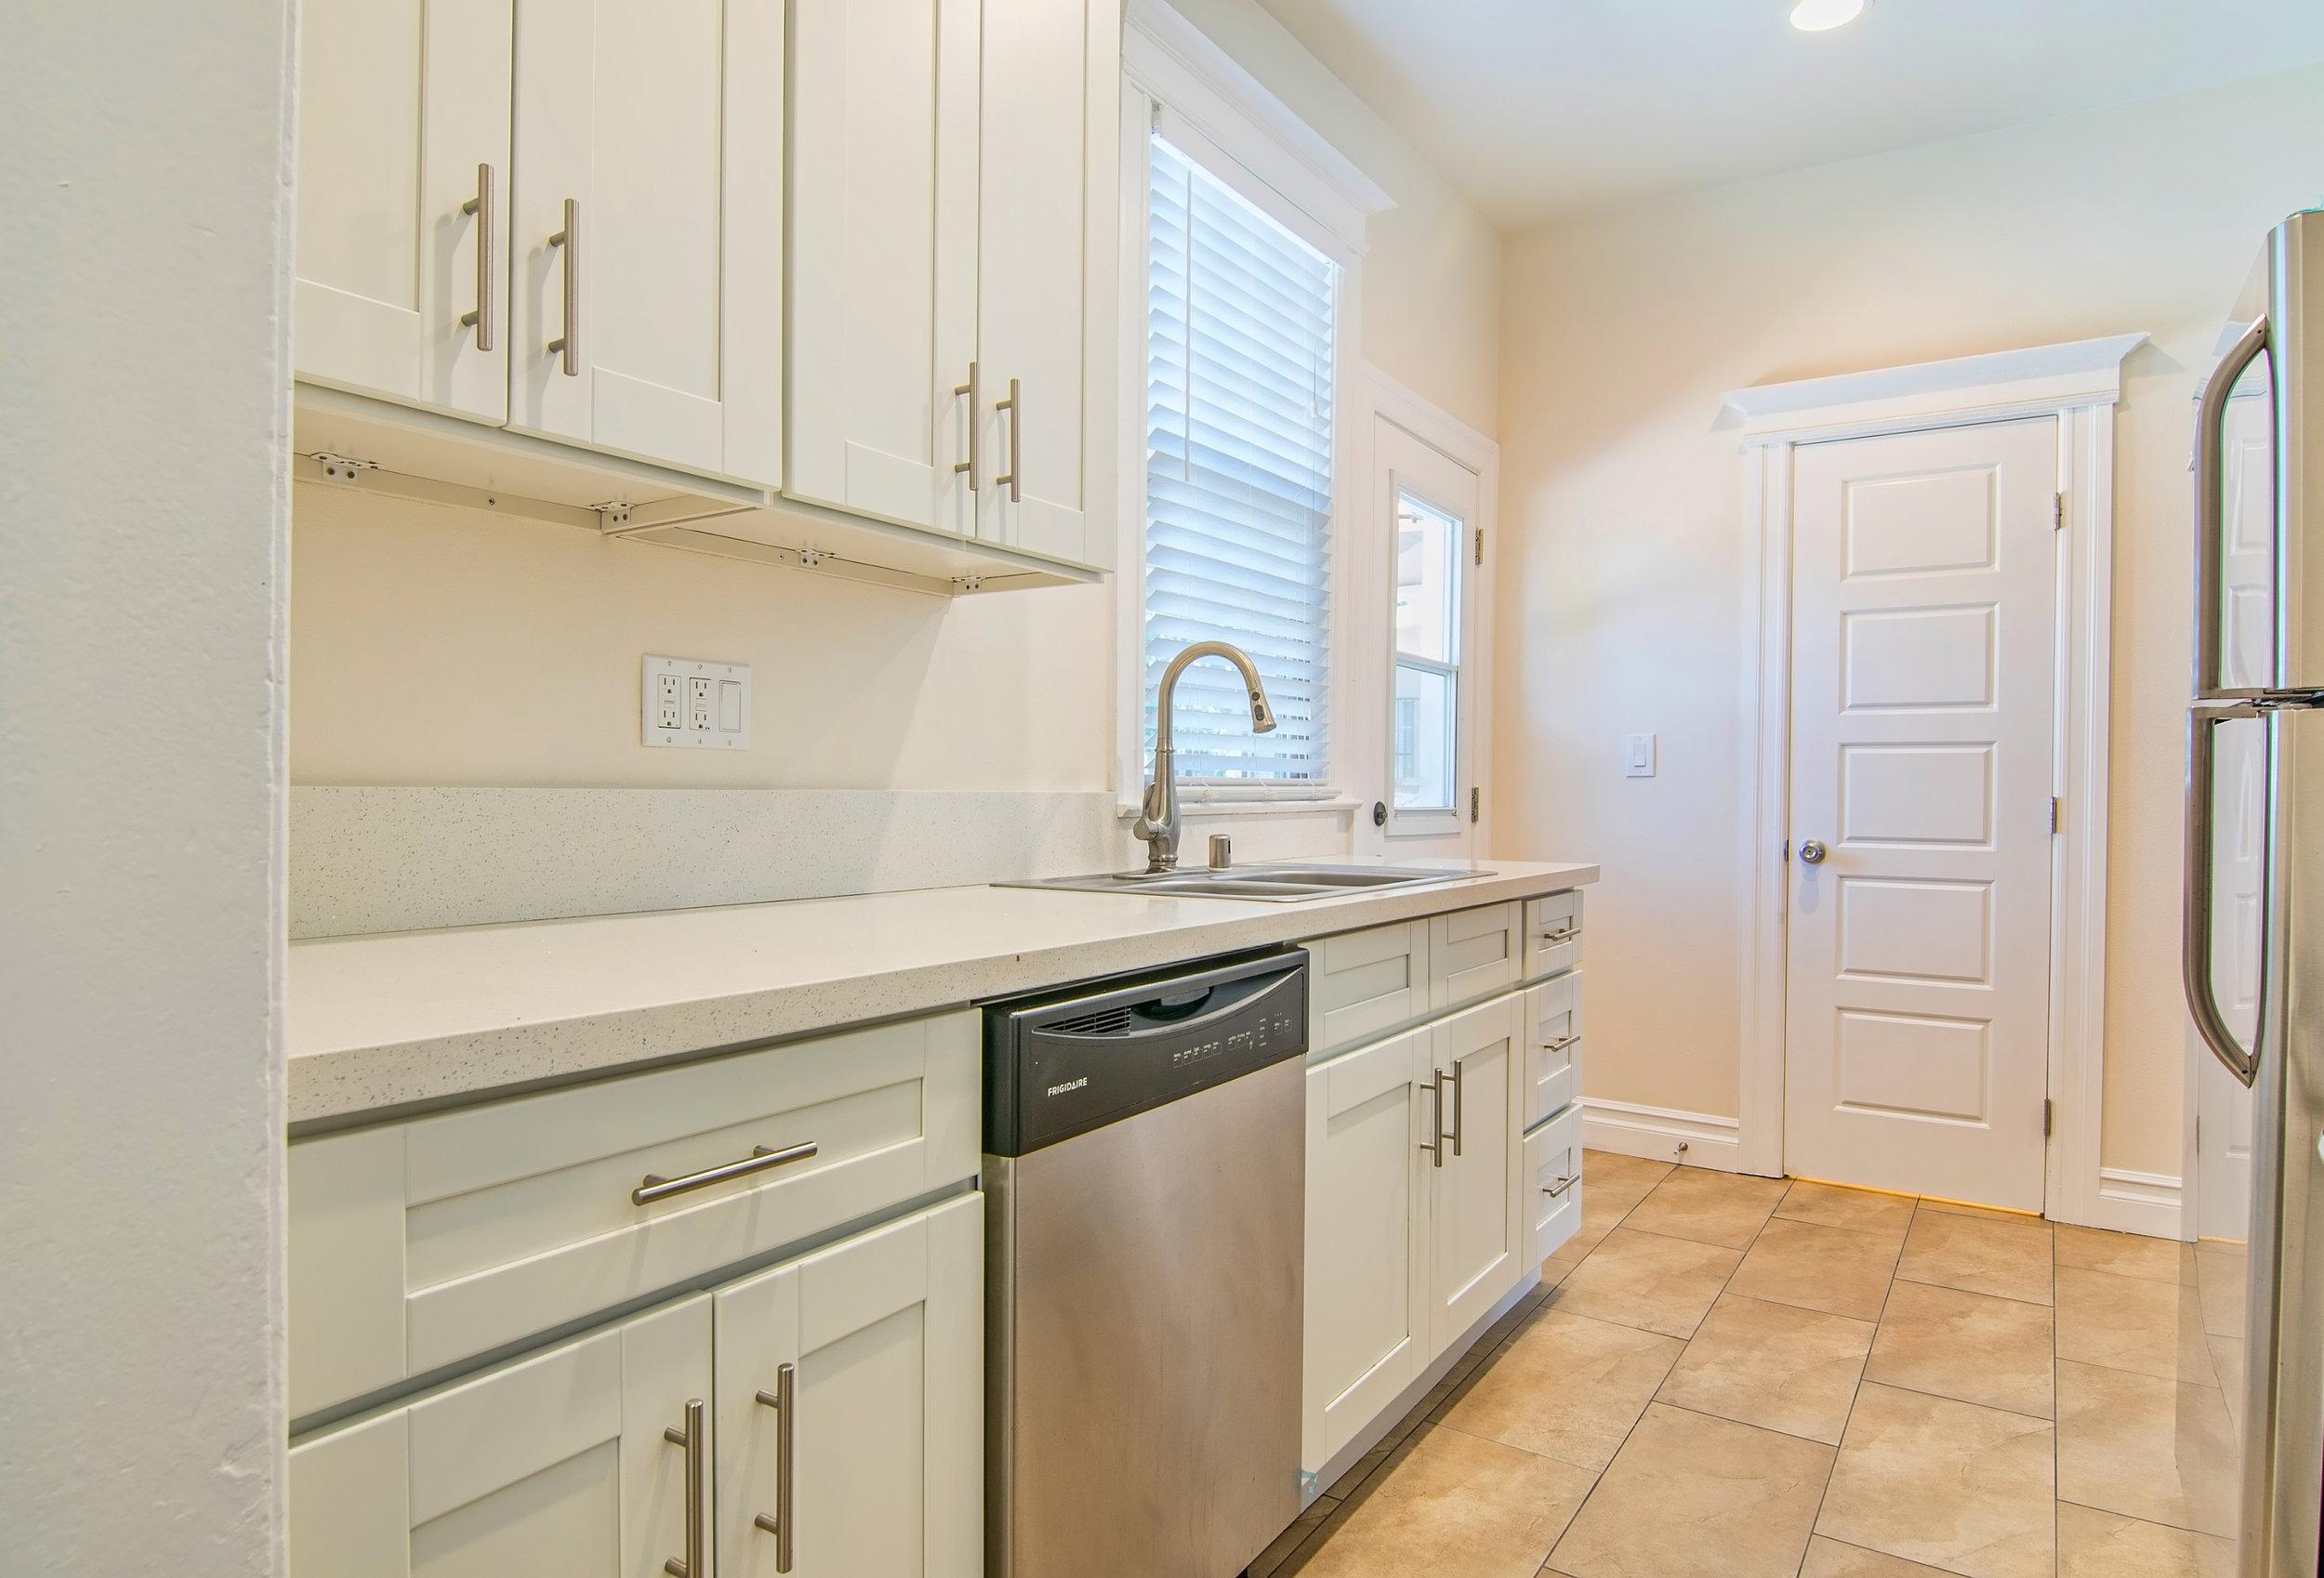 Post-Renovation Kitchen